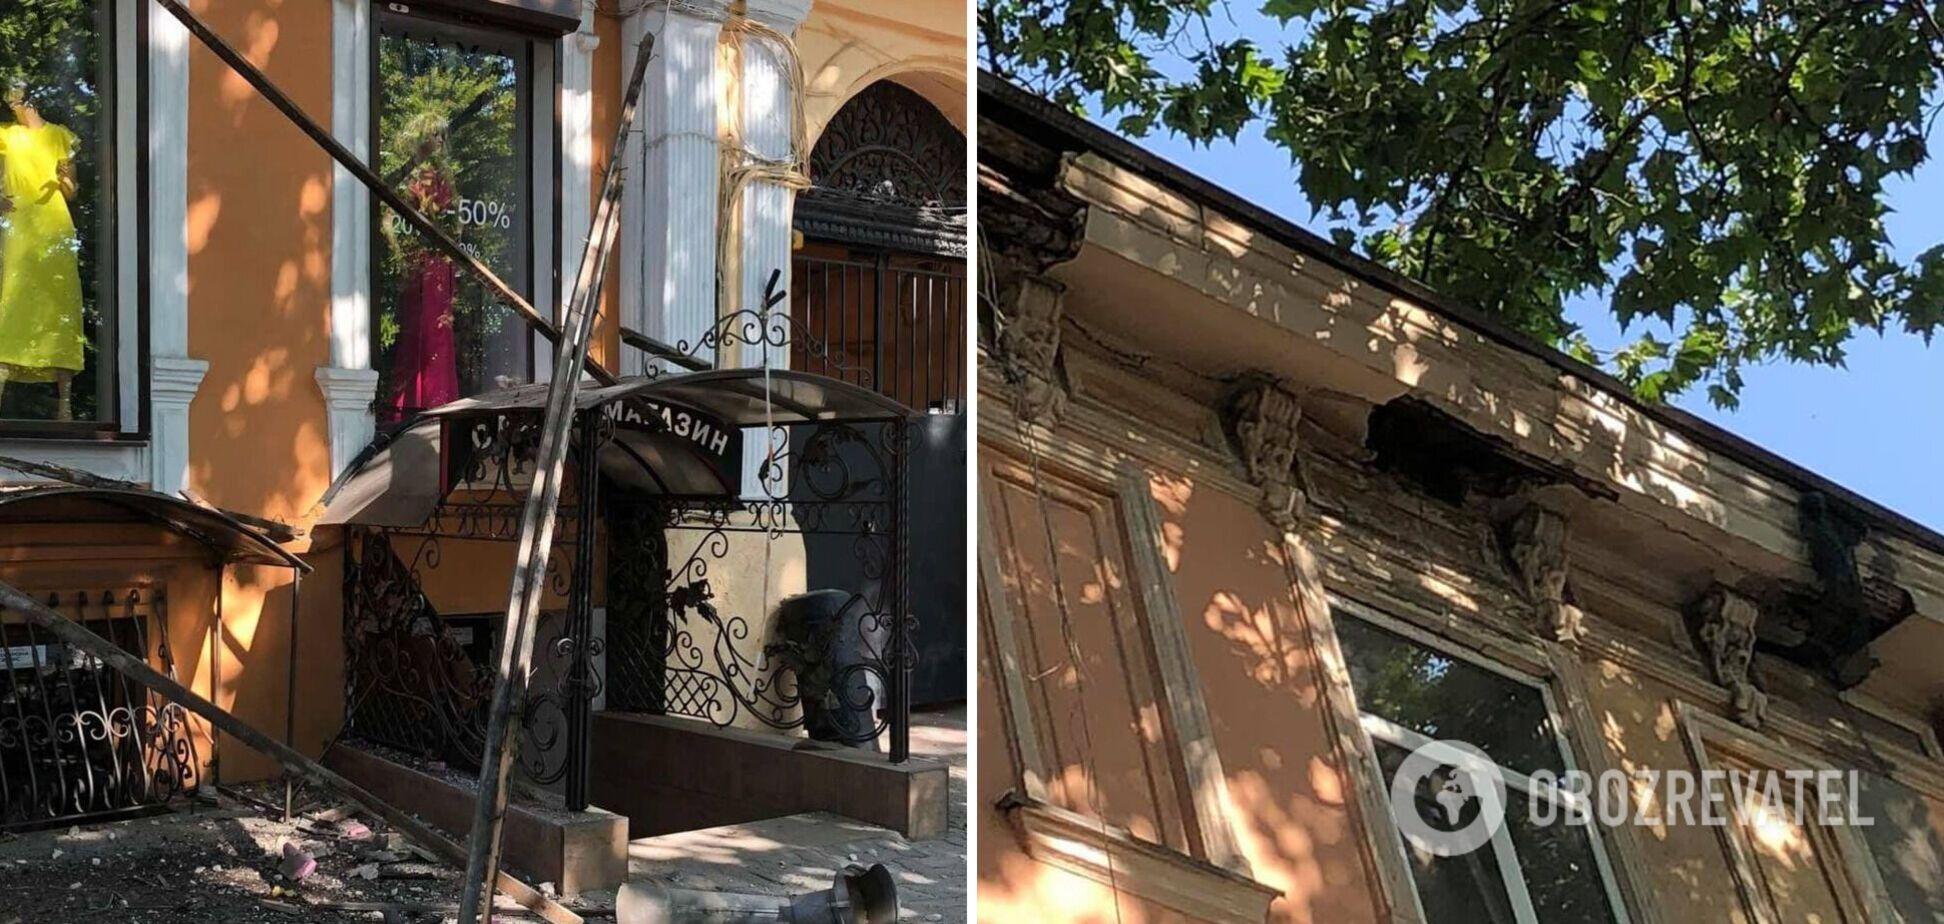 У центрі Одеси обвалилася частина фасаду історичної будівлі. Фото і відео